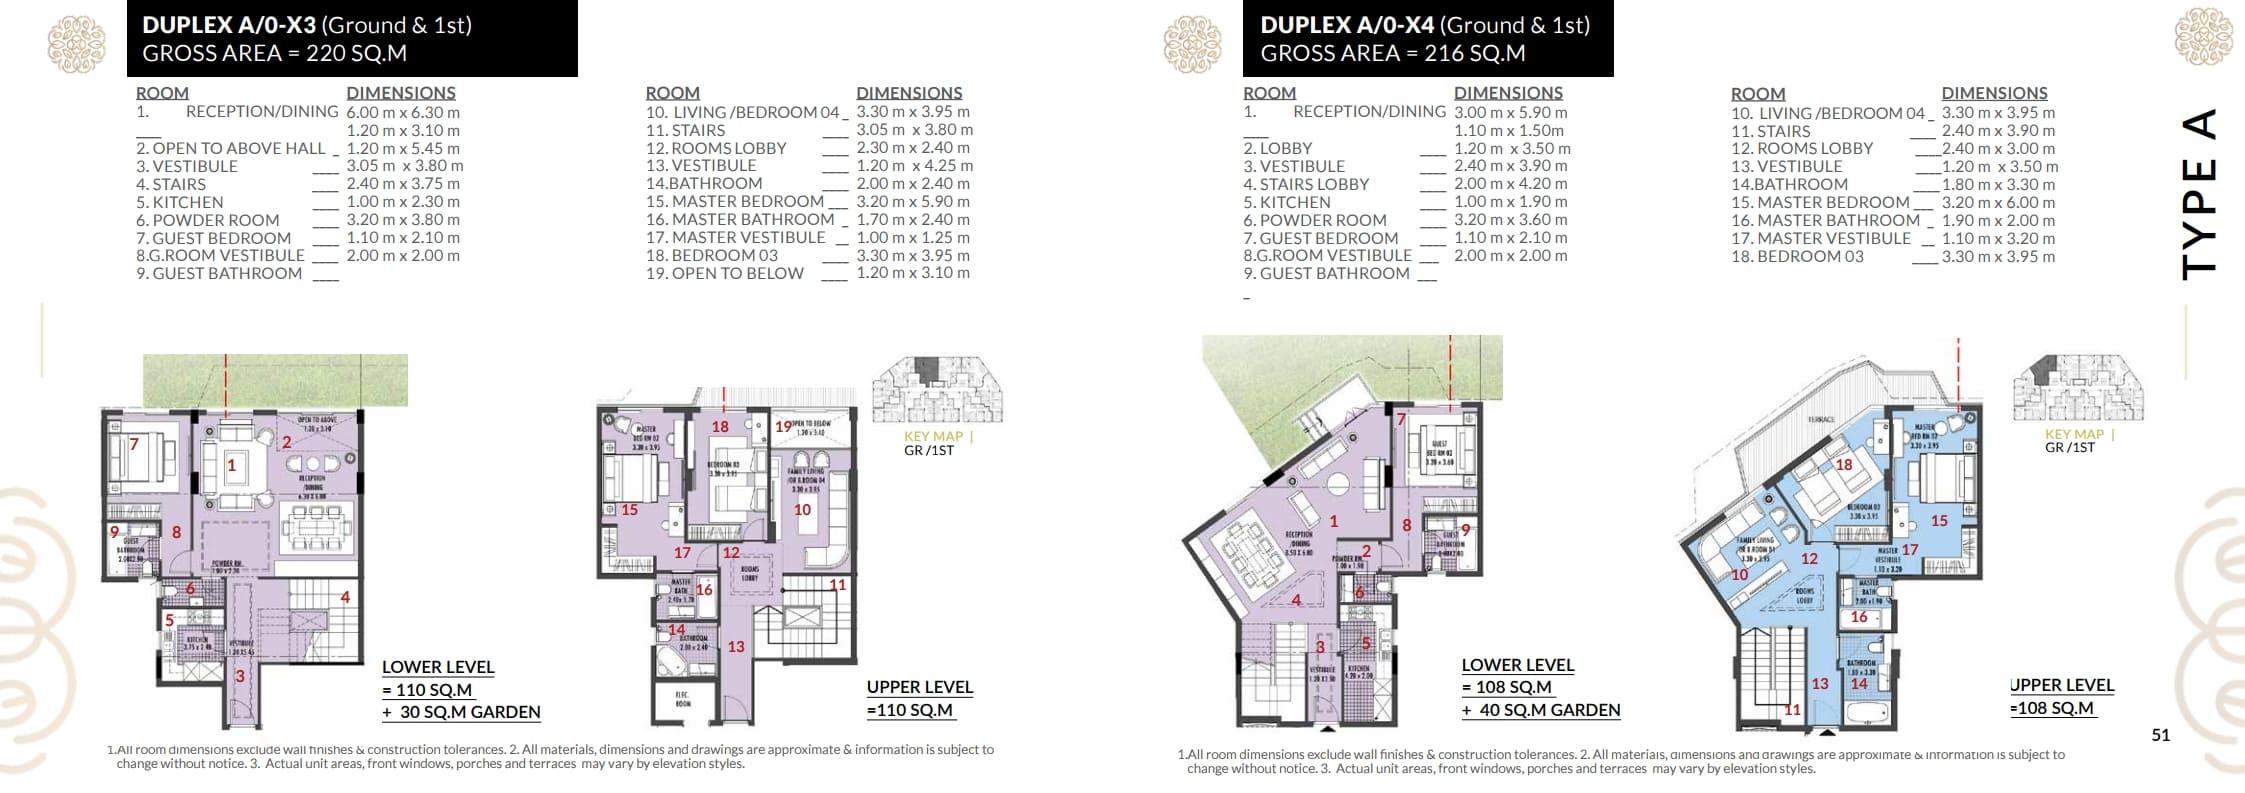 شقة دوبلكس220م للبيع بكمبوند روزس العاصمة الاداريه باقساط تصل ل9سنوات